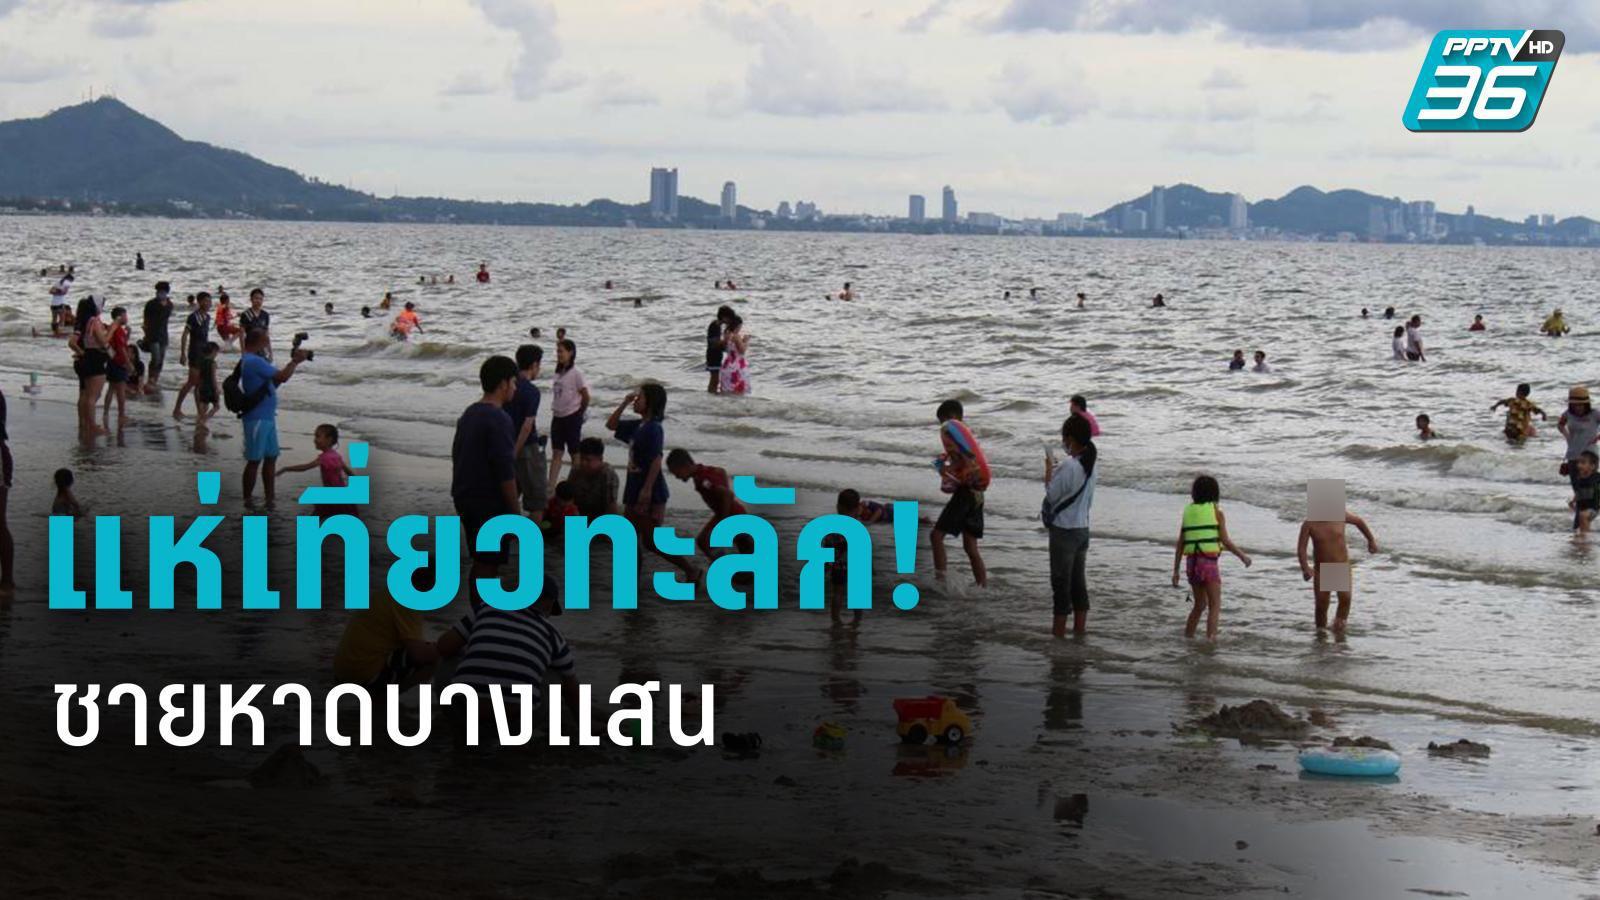 แน่น! ชายหาดบางแสน ประชาชน แห่เที่ยวช่วงวันหยุด